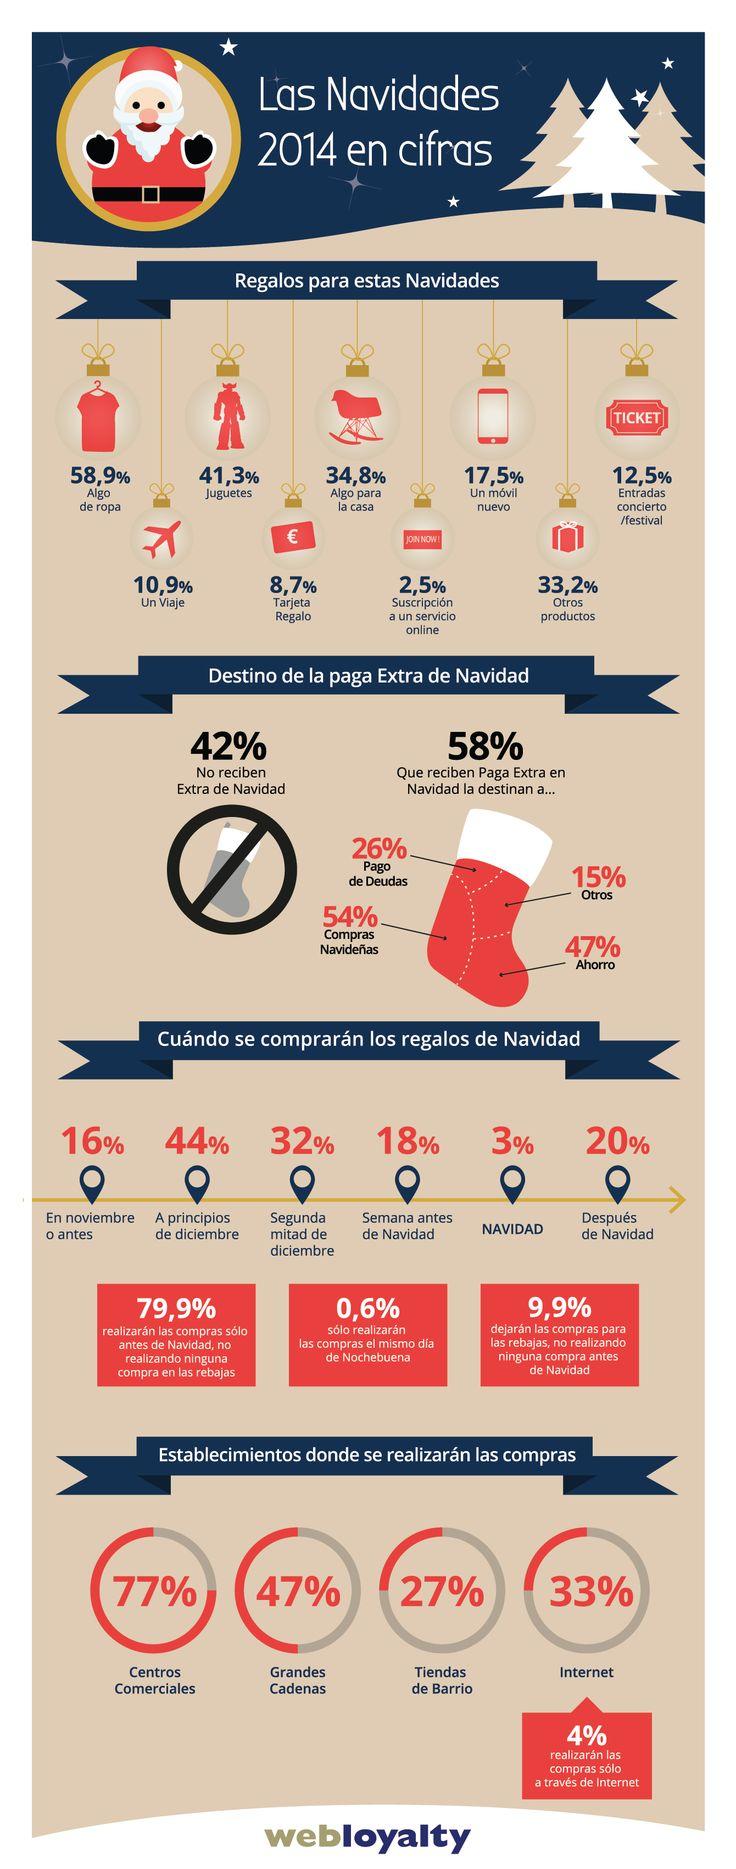 Las Navidades 2014 en cifras: Cuál será el regalo estrella de las Navidades? En qué gastaremos los españoles la paga extra? ¿cuándo iremos de compras navideñas?